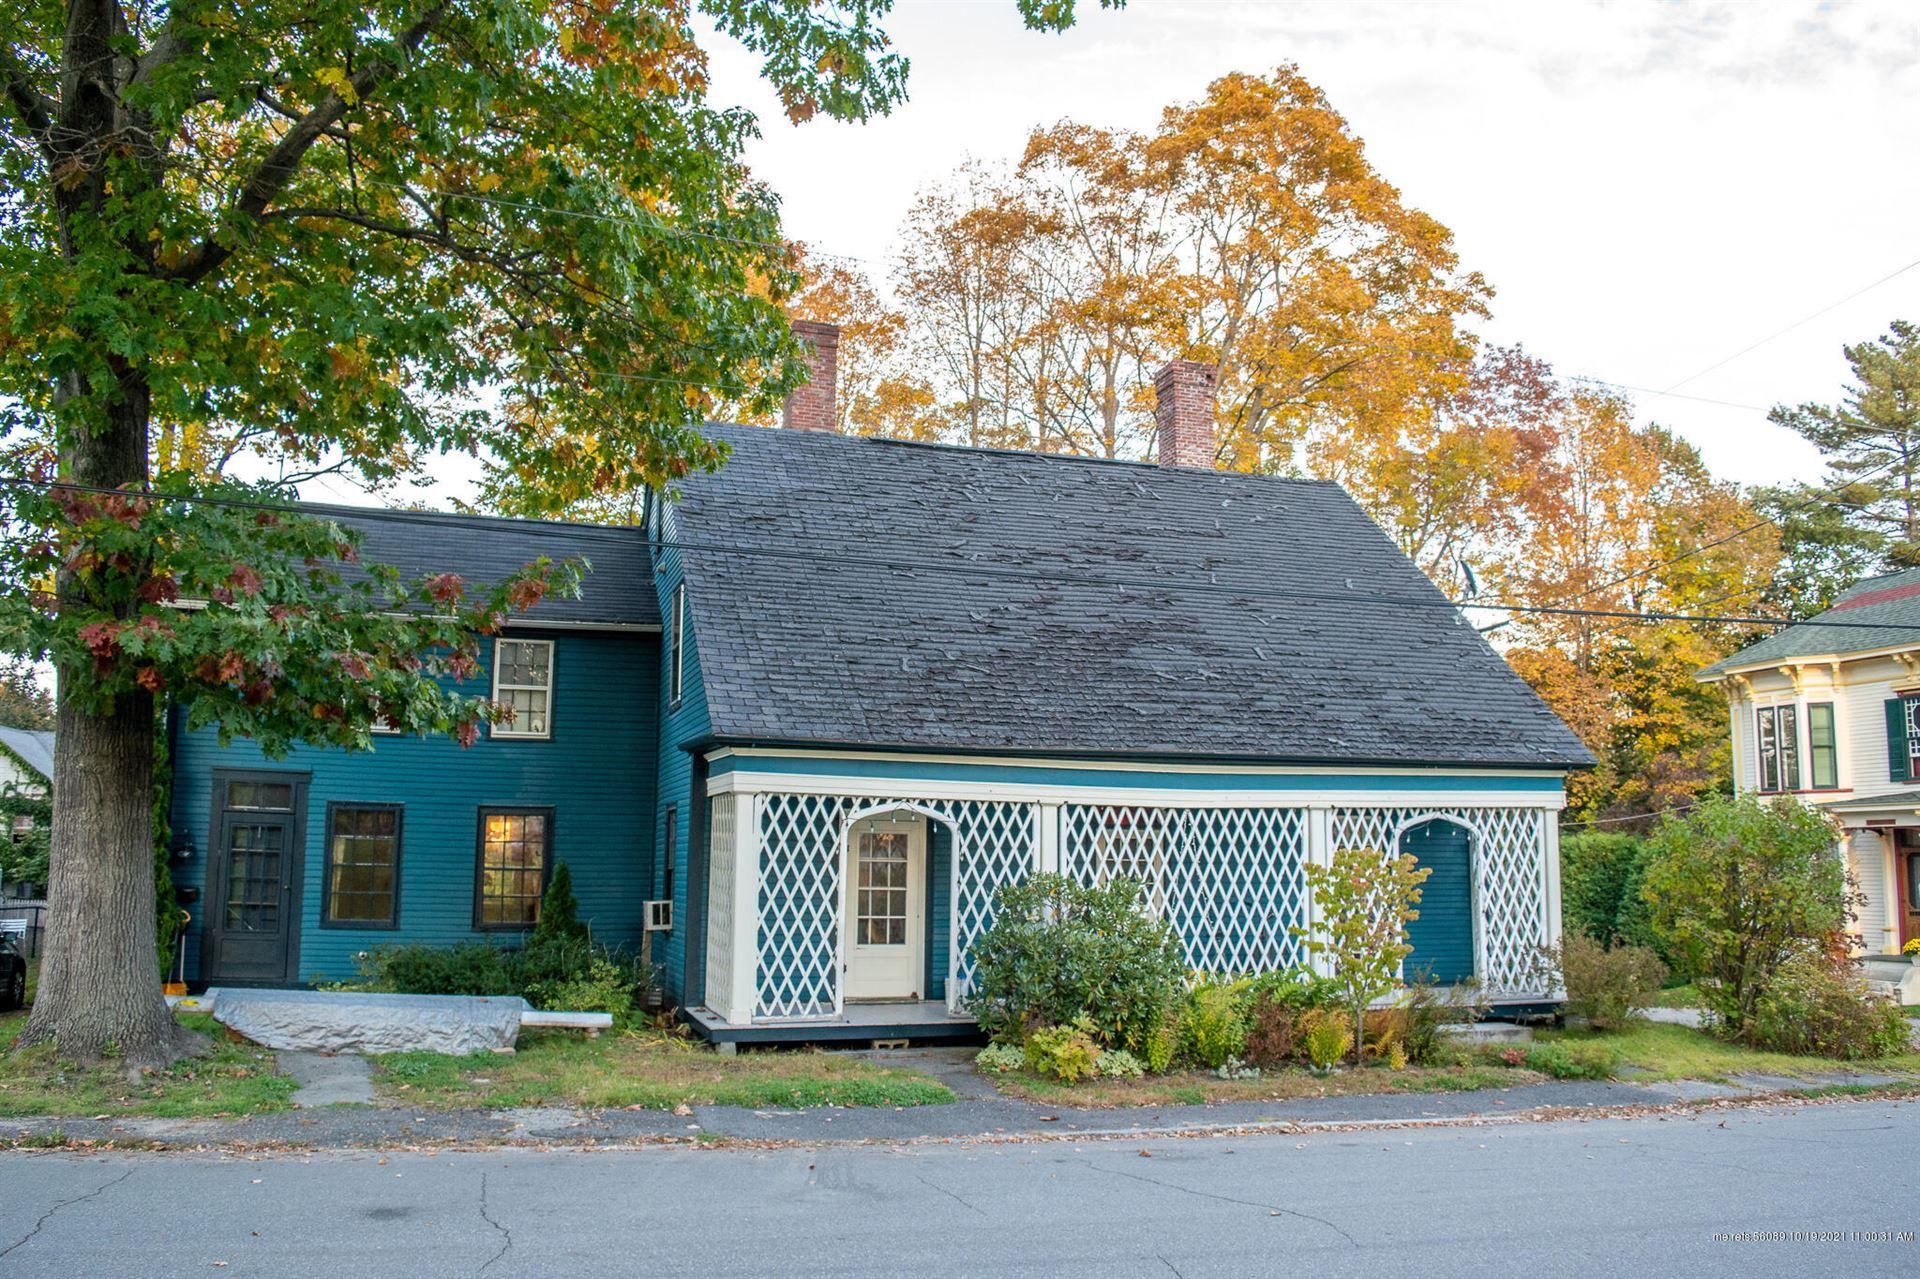 Photo of 26 Pleasant Road, Gardiner, ME 04345 (MLS # 1512433)